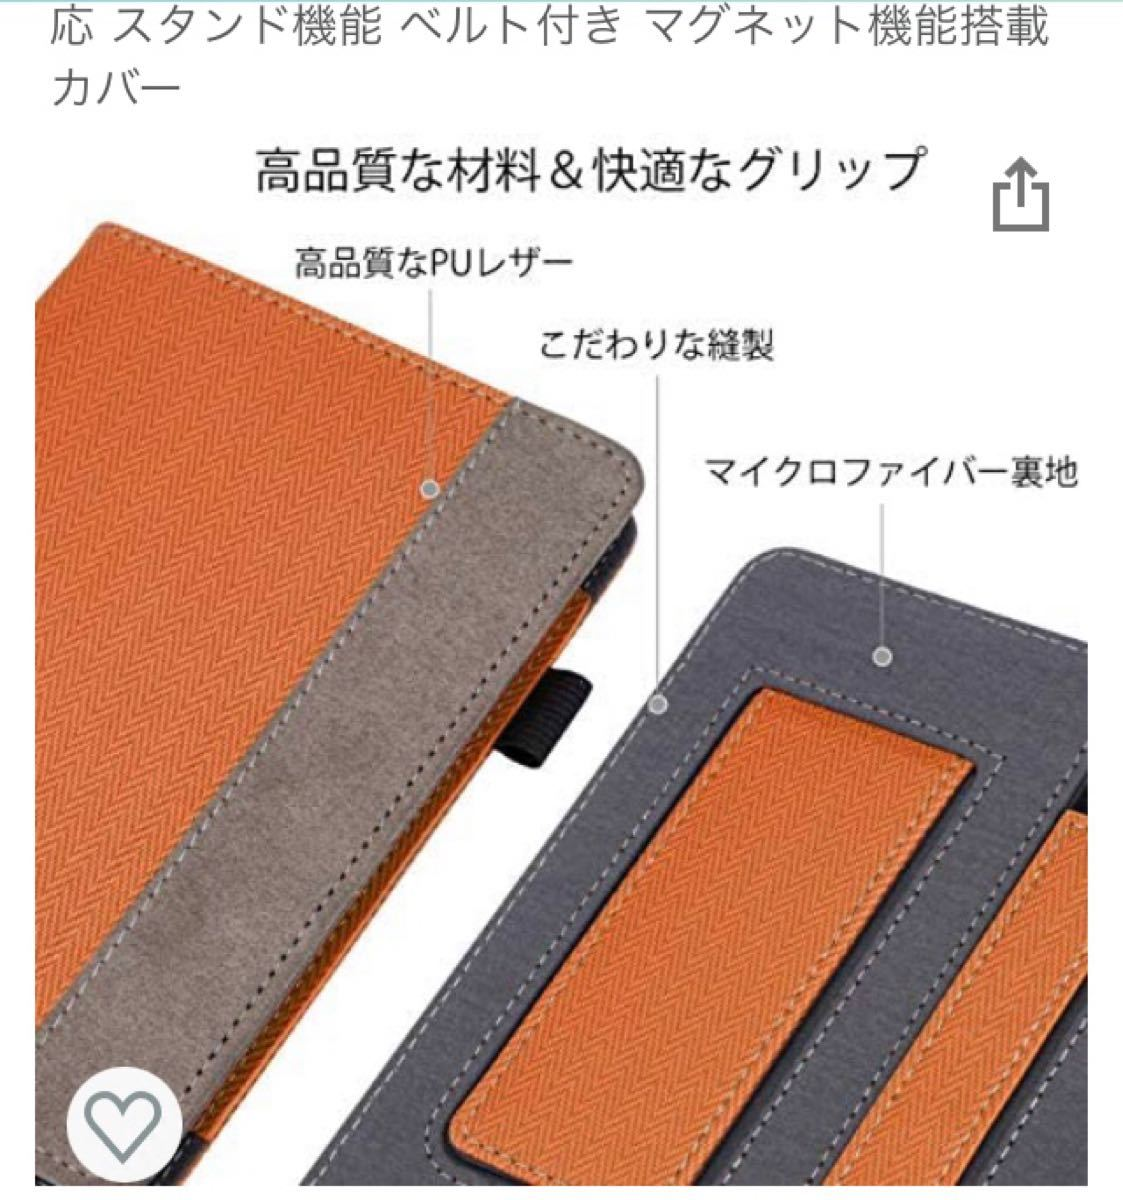 【新品】Kindle Paper White  第10世代 Amazon  電子書籍リーダー